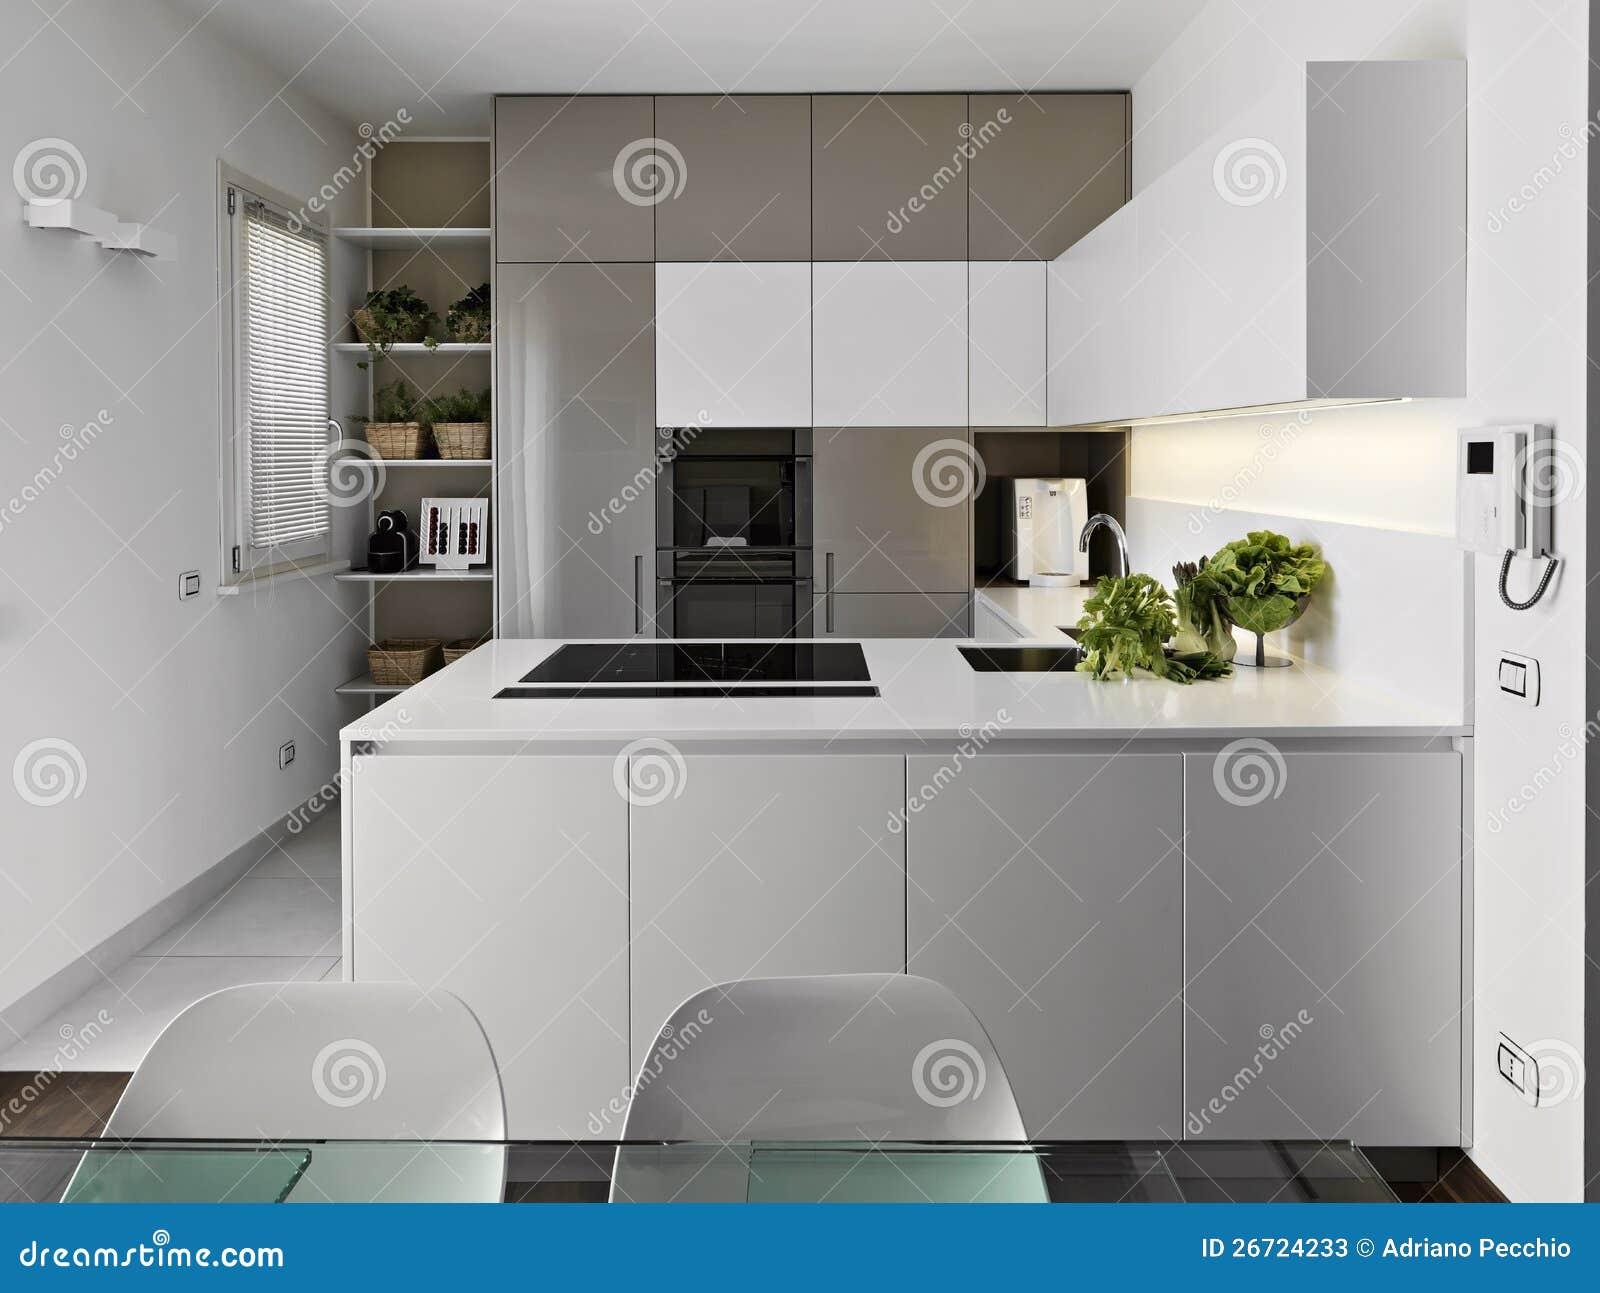 Laminaat In Keuken : Moderne witte keuken stock afbeelding afbeelding bestaande uit